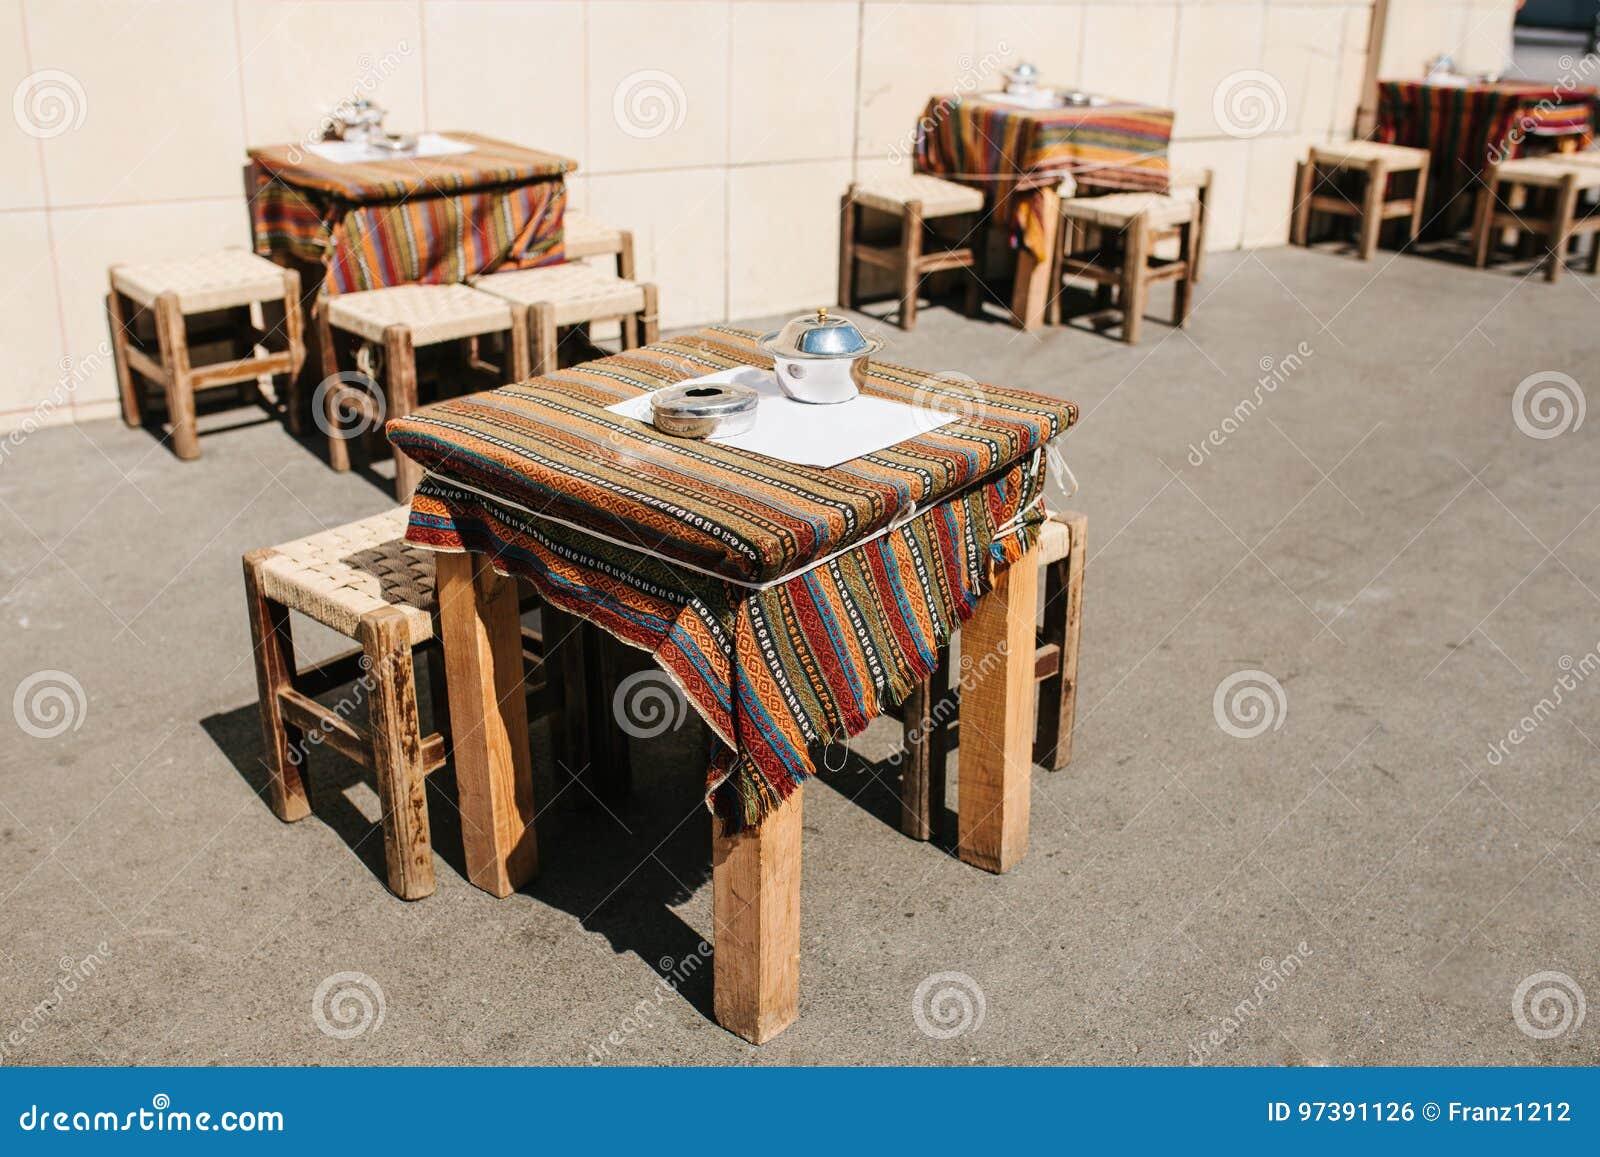 турецкие кофе улицы улицы в стамбуле деревянные столы и стулья стоят